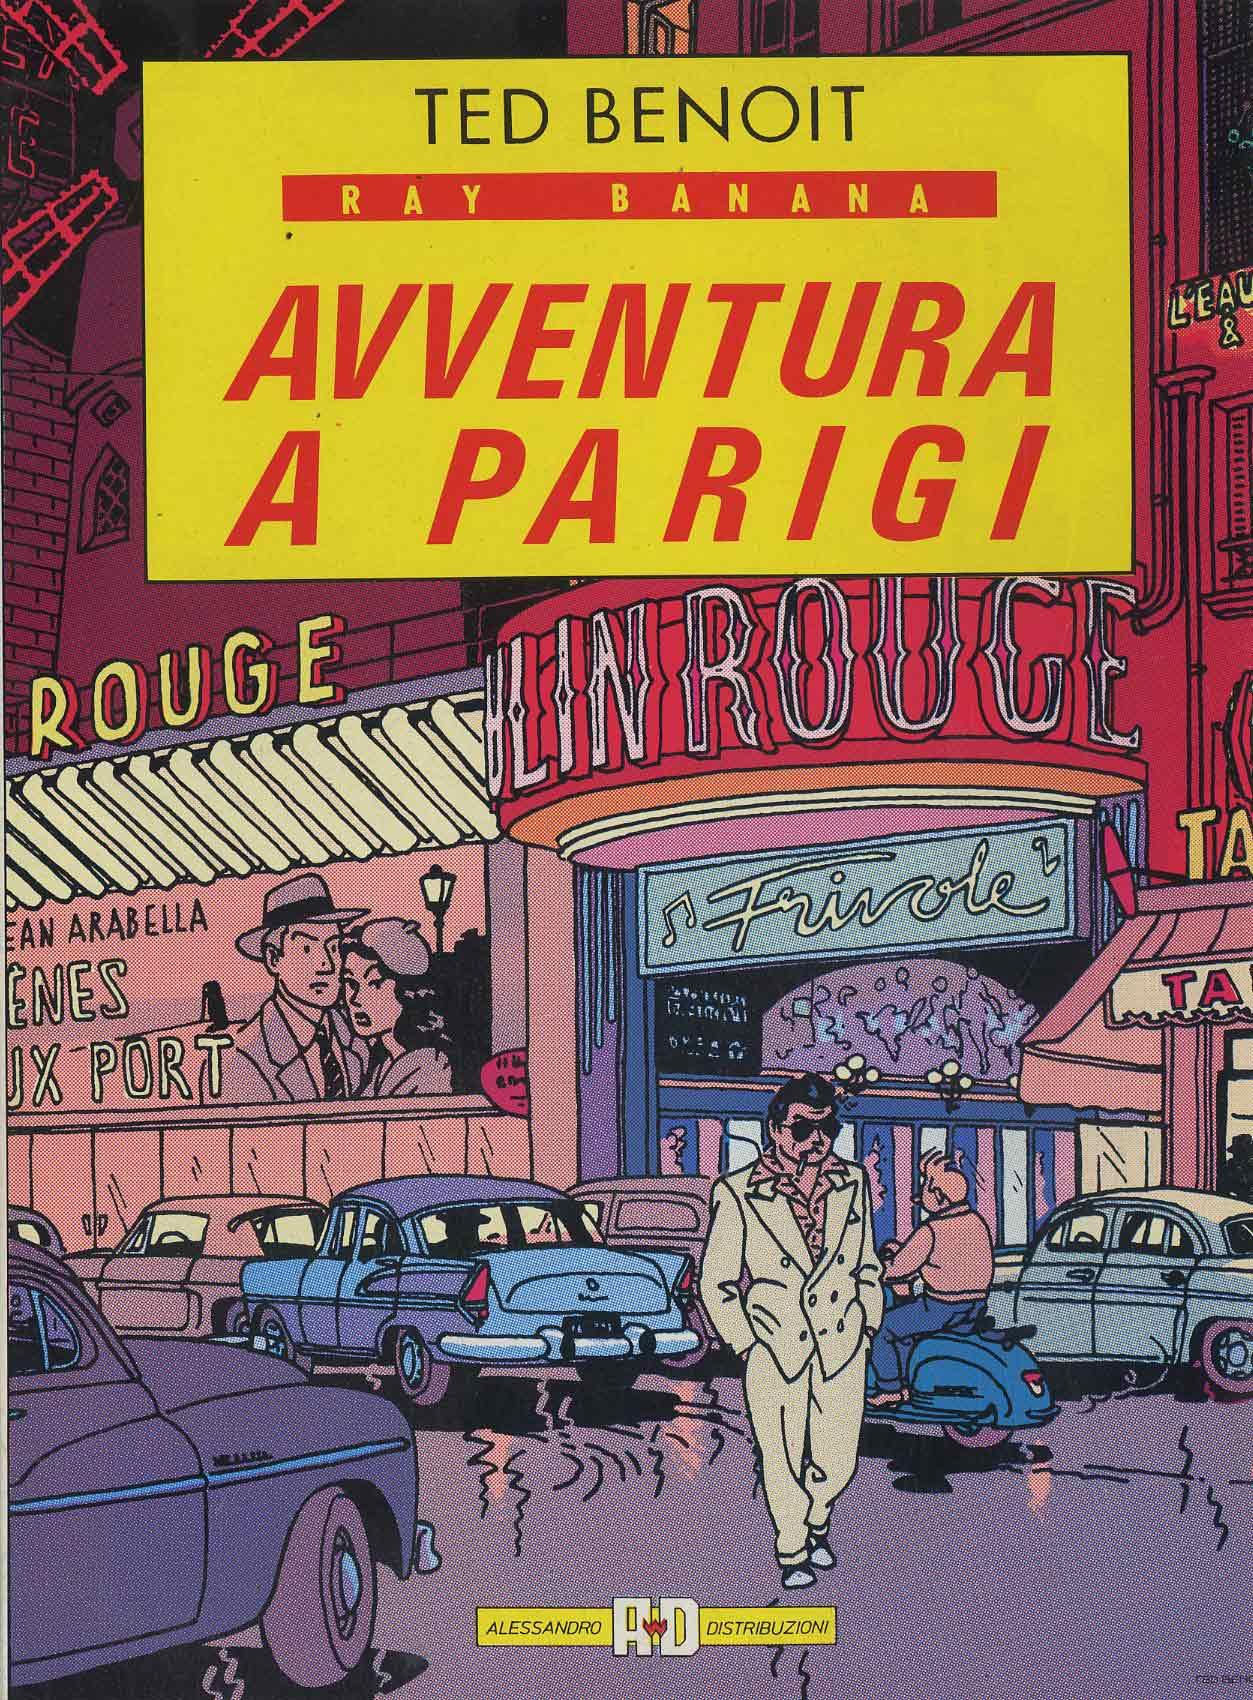 Fumetto-online.it - Il Portale dei Fumetti e dei suoi lettori  vendita  fumetti e acquisto fumetti b9356270f93